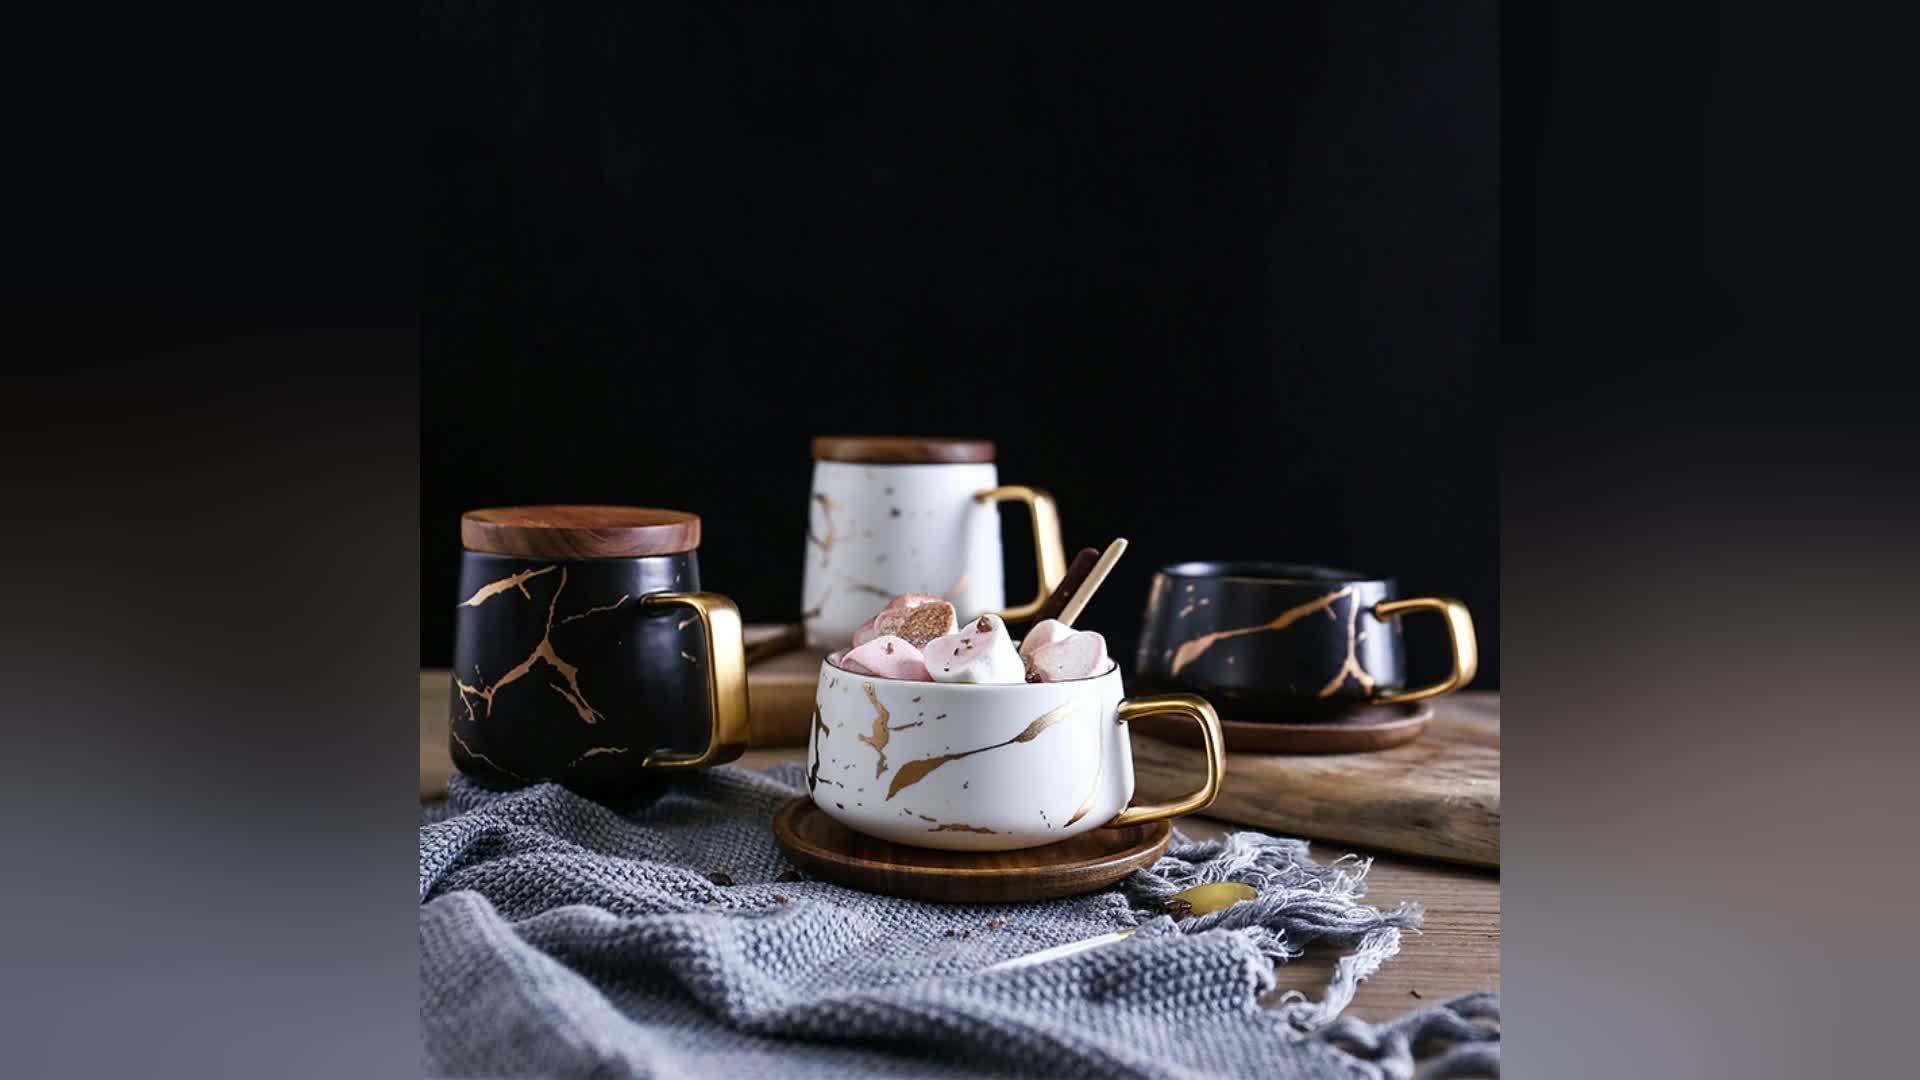 गर्म बेचने के काले और सफेद चीनी मिट्टी के बरतन कॉफी कप मग के साथ गोल्डन संगमरमर डिजाइन और लकड़ी ढक्कन या लकड़ी कोस्टर